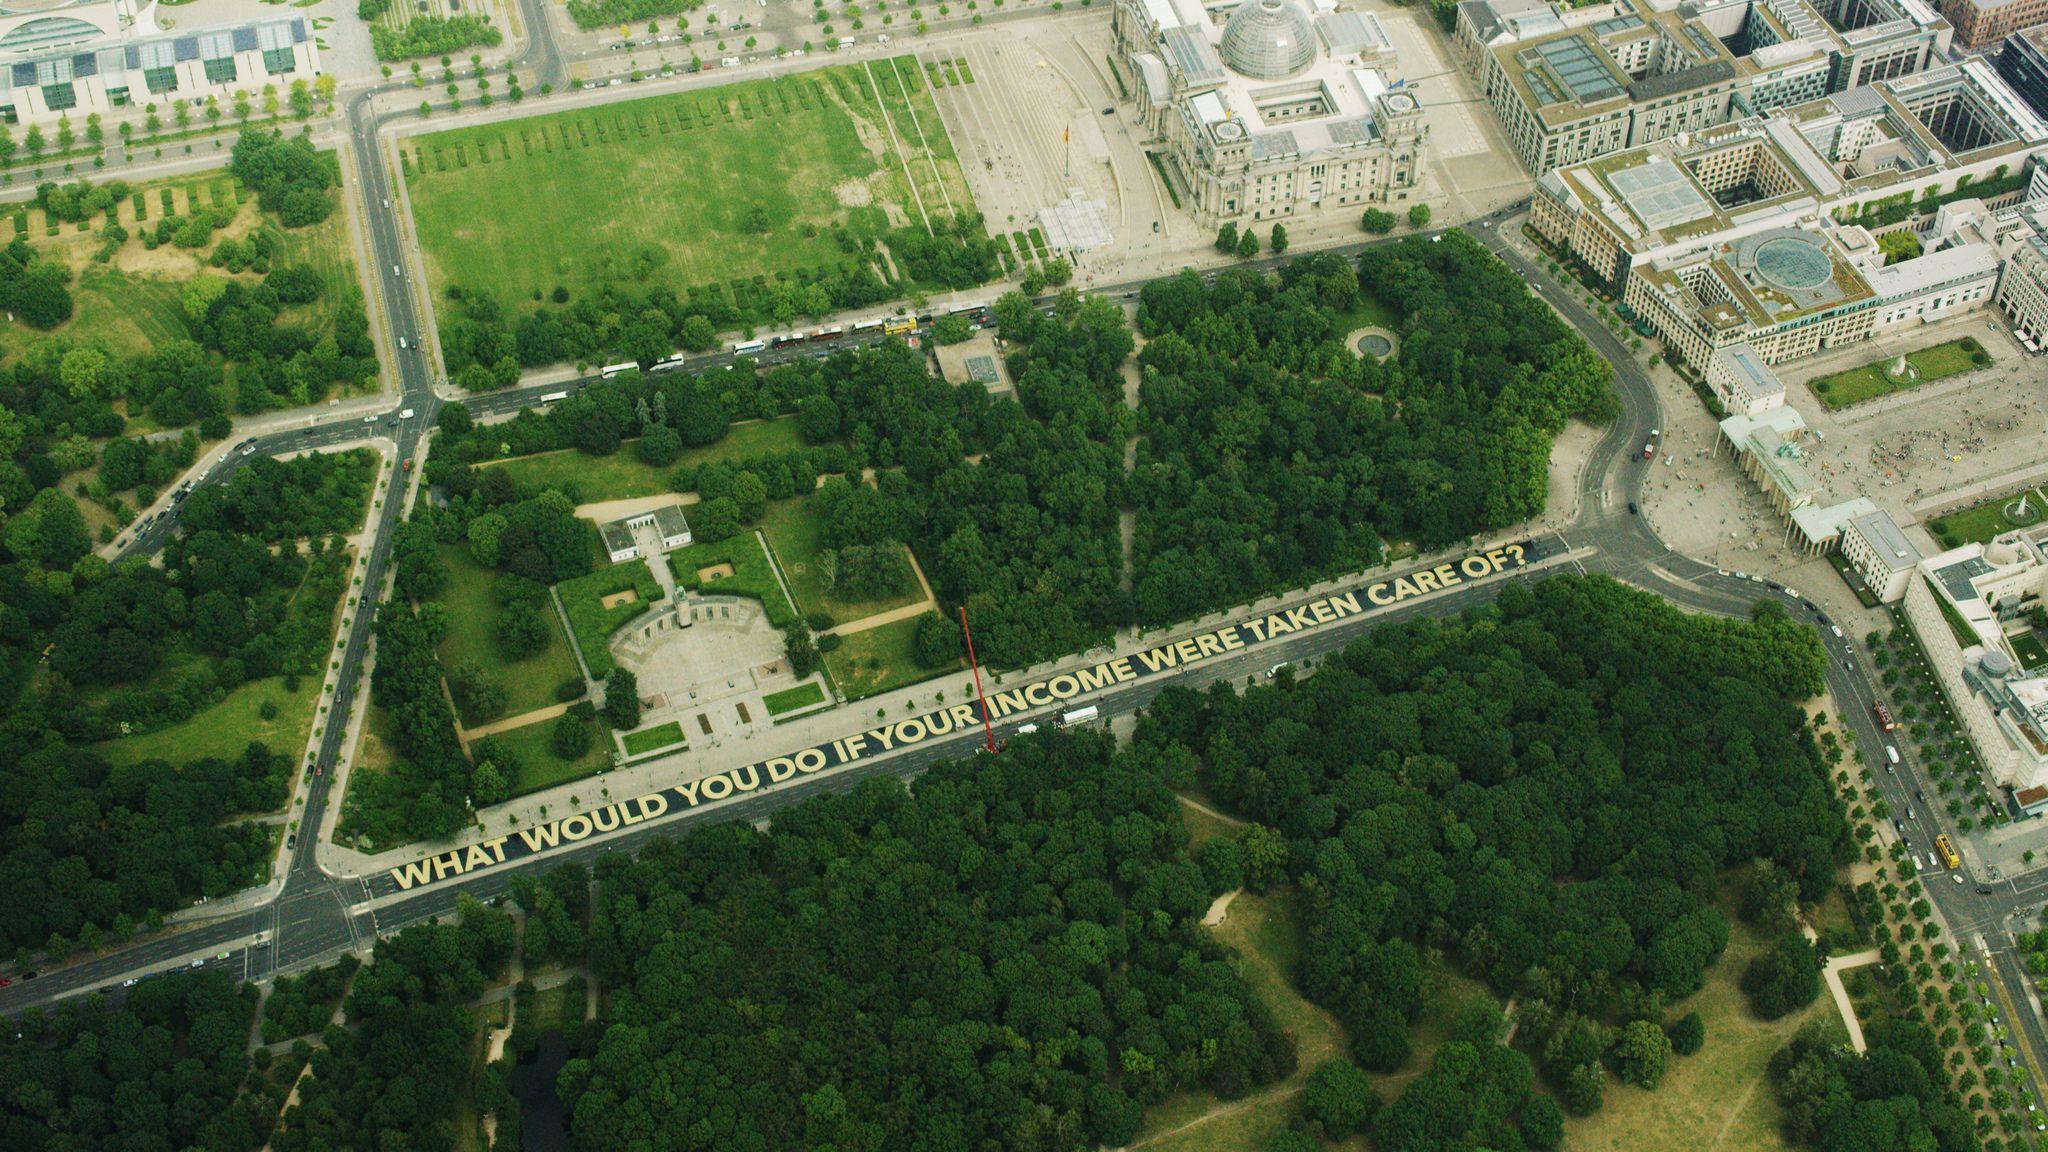 Luftaufnahme  von der Straße des 17 Juni, auf der in Großbuchstaben der ausgelegt ist: What would you do if your income is taken care of?